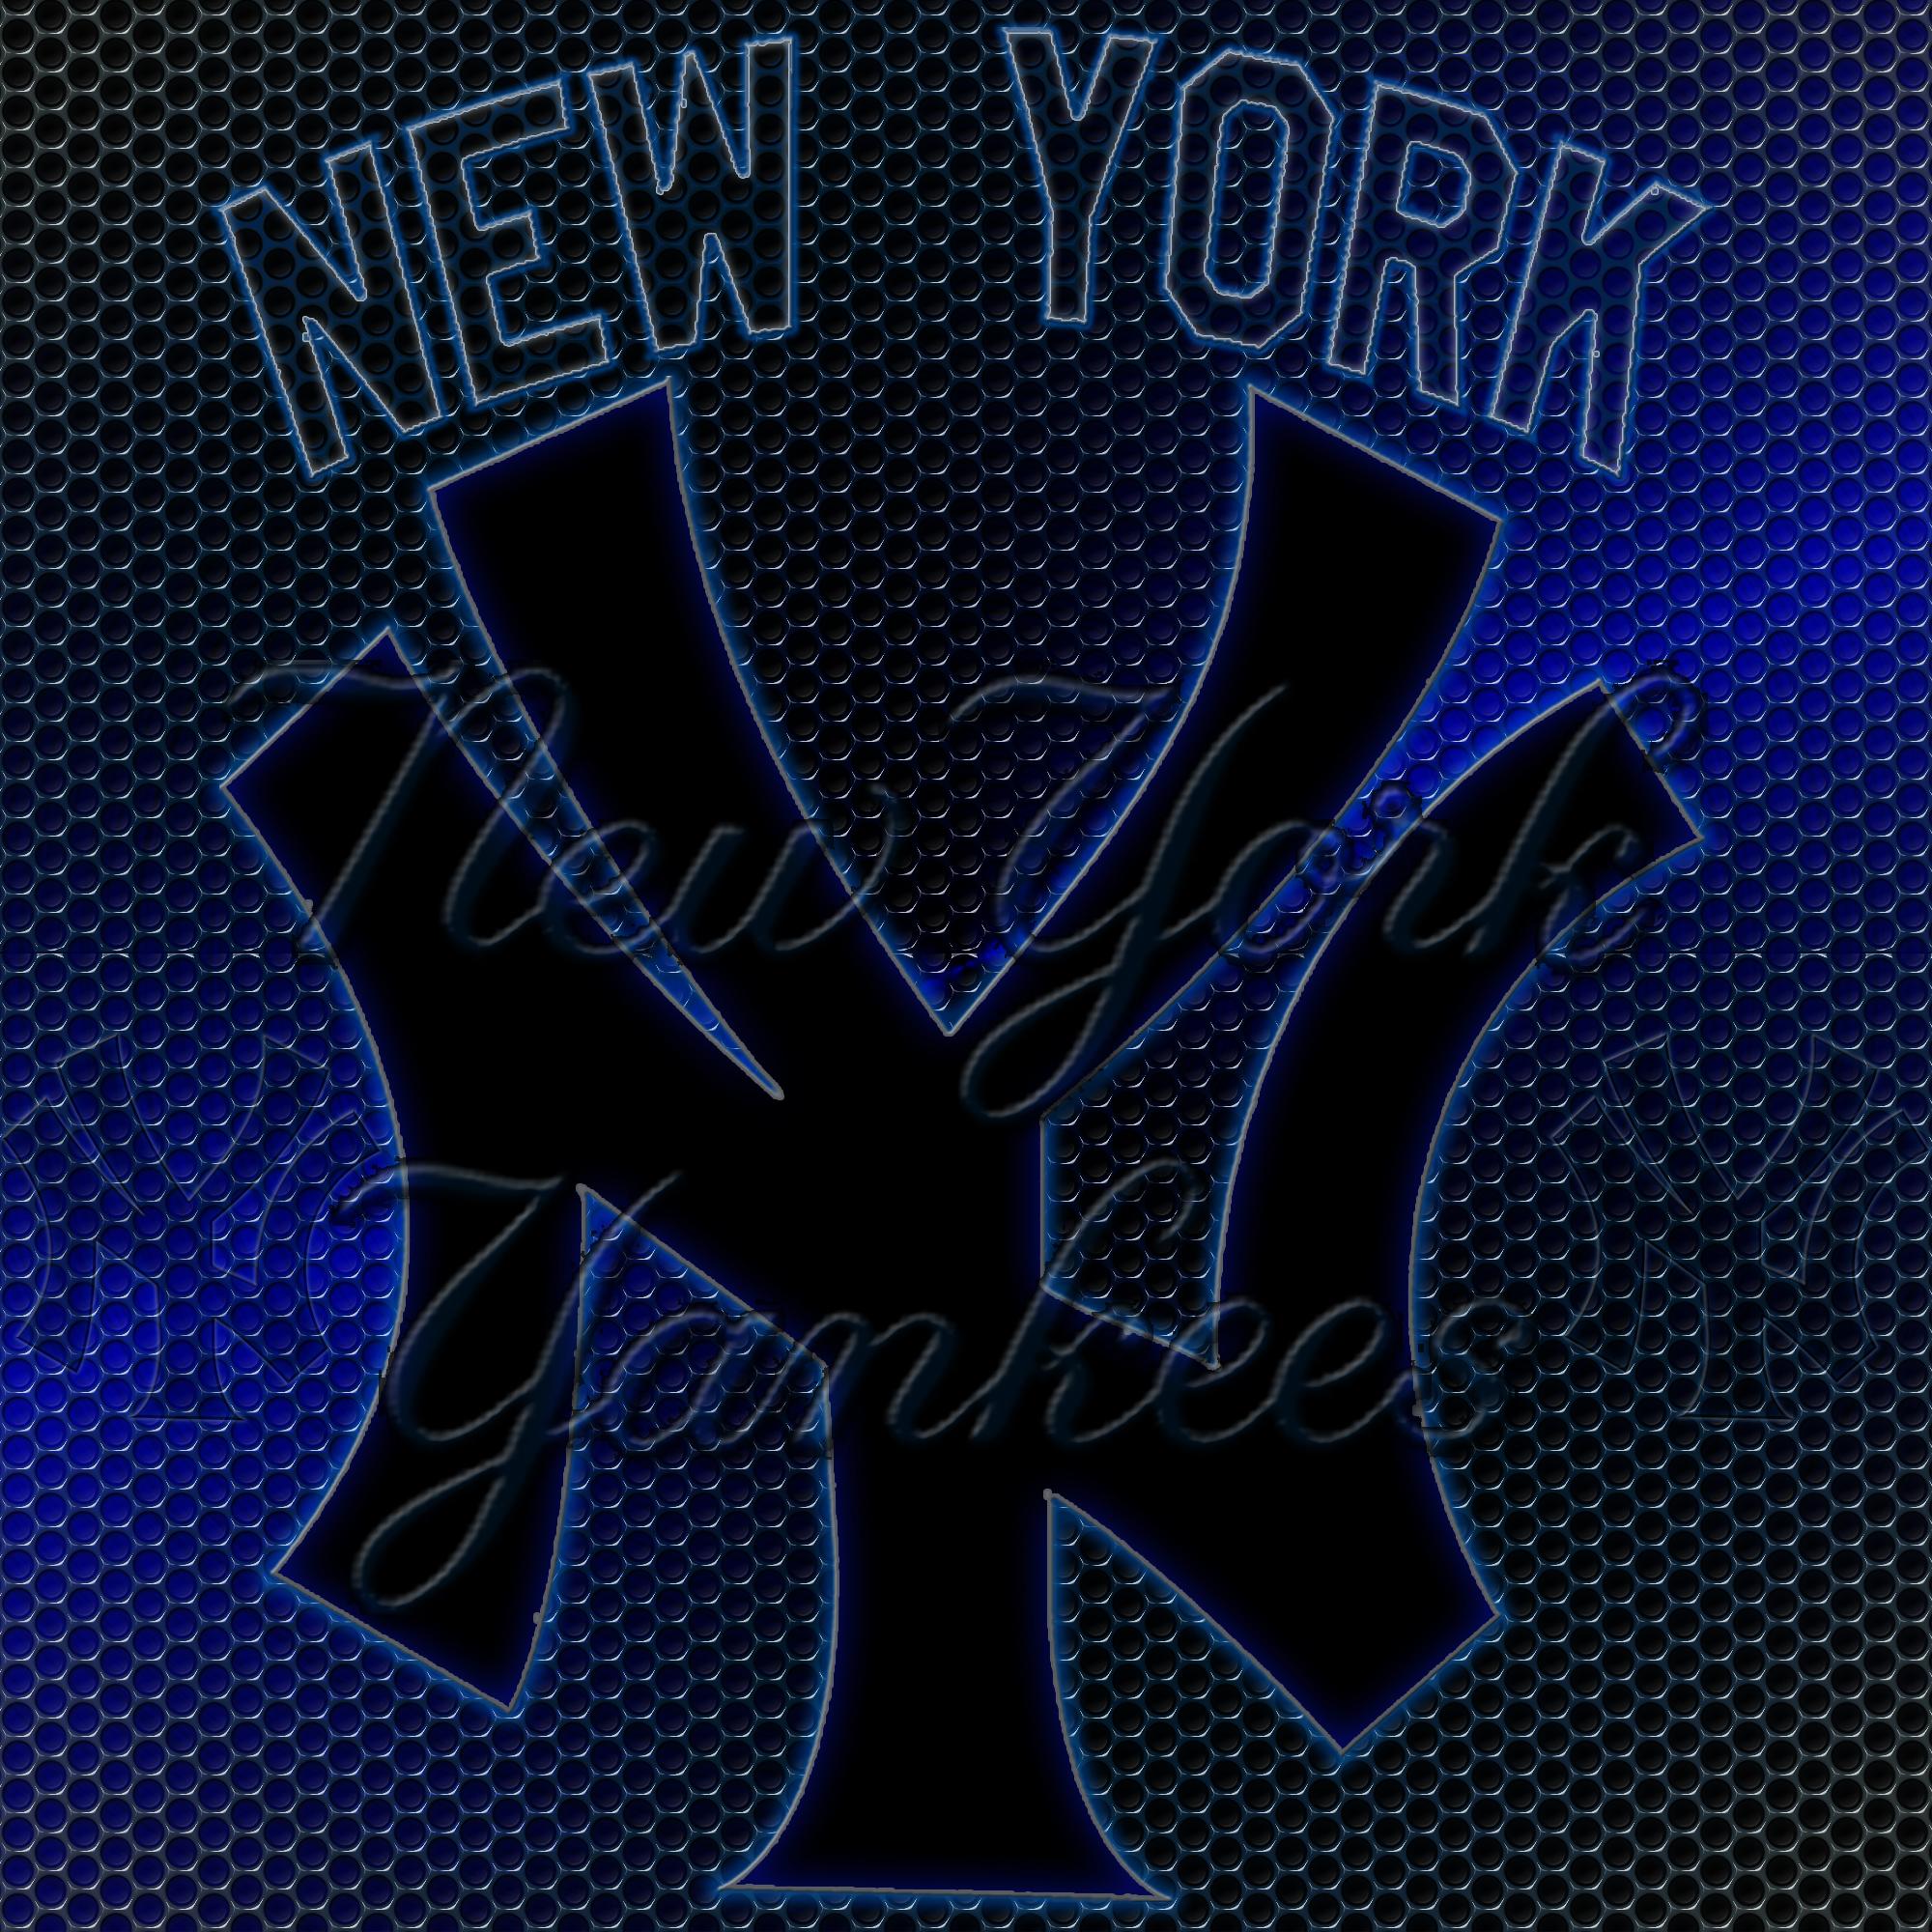 New York Yankees Logo Grid Wallpaper Download Wallpaper 2000x2000